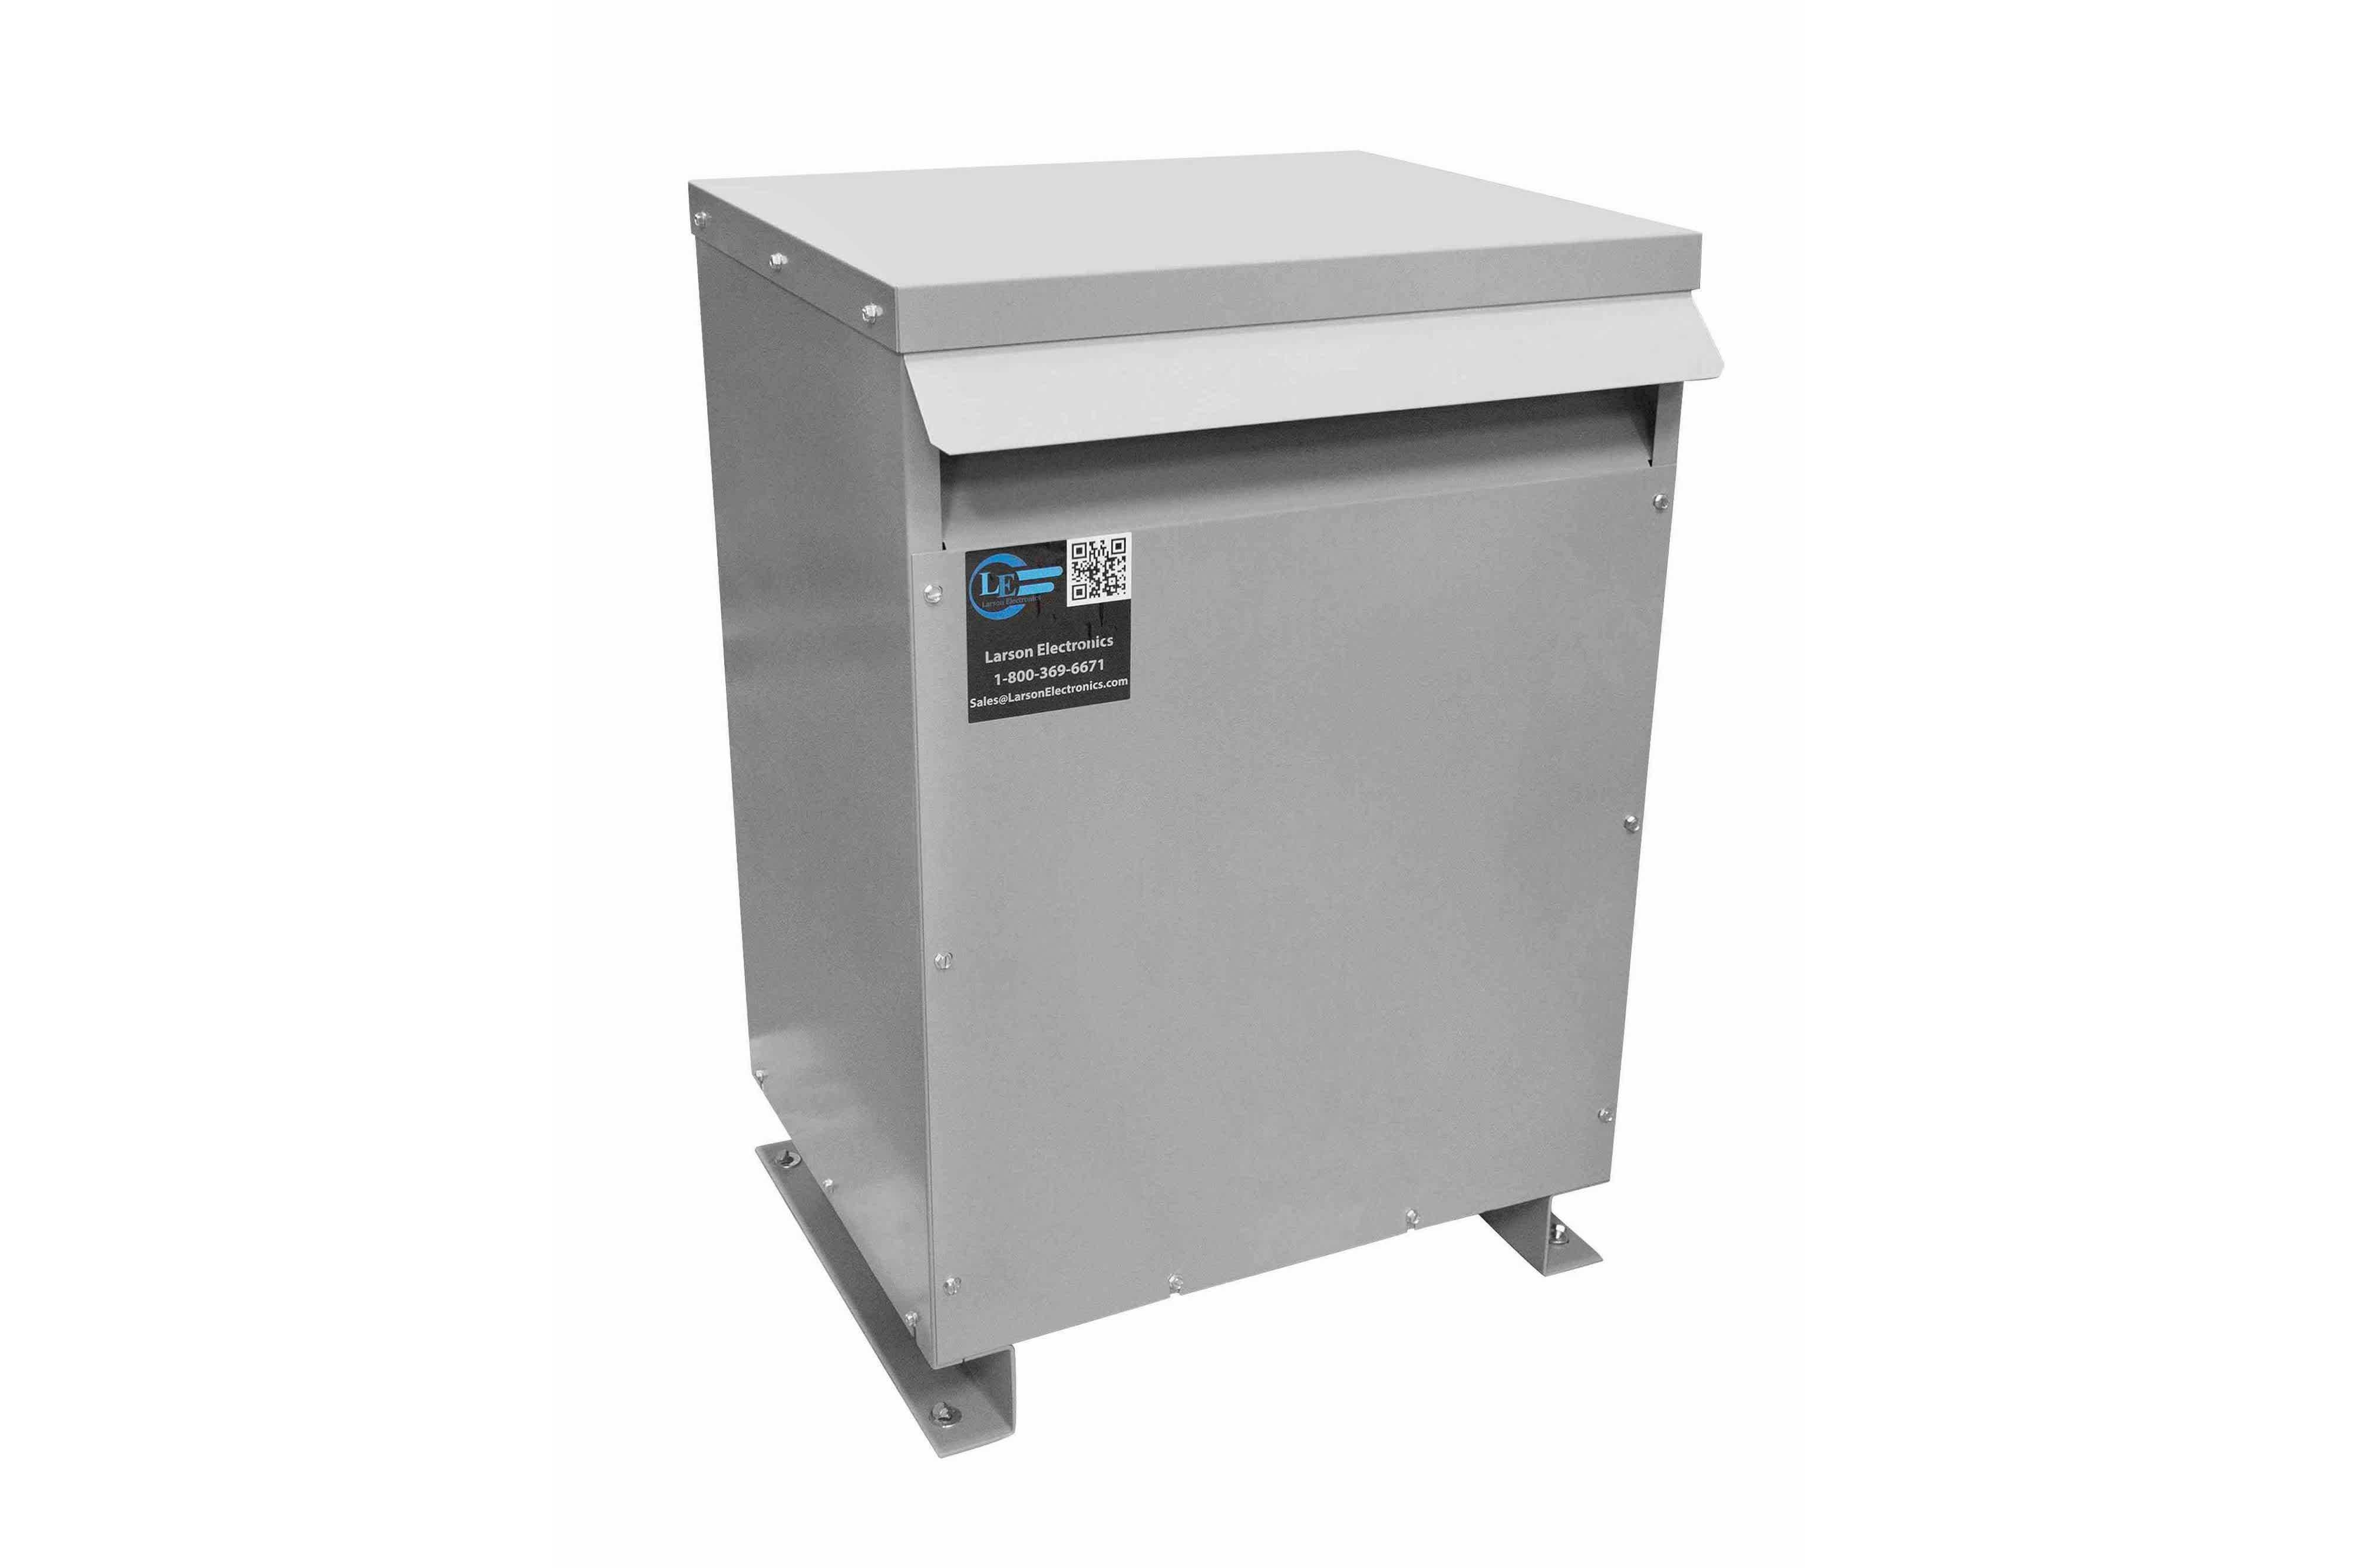 167 kVA 3PH Isolation Transformer, 240V Delta Primary, 400V Delta Secondary, N3R, Ventilated, 60 Hz